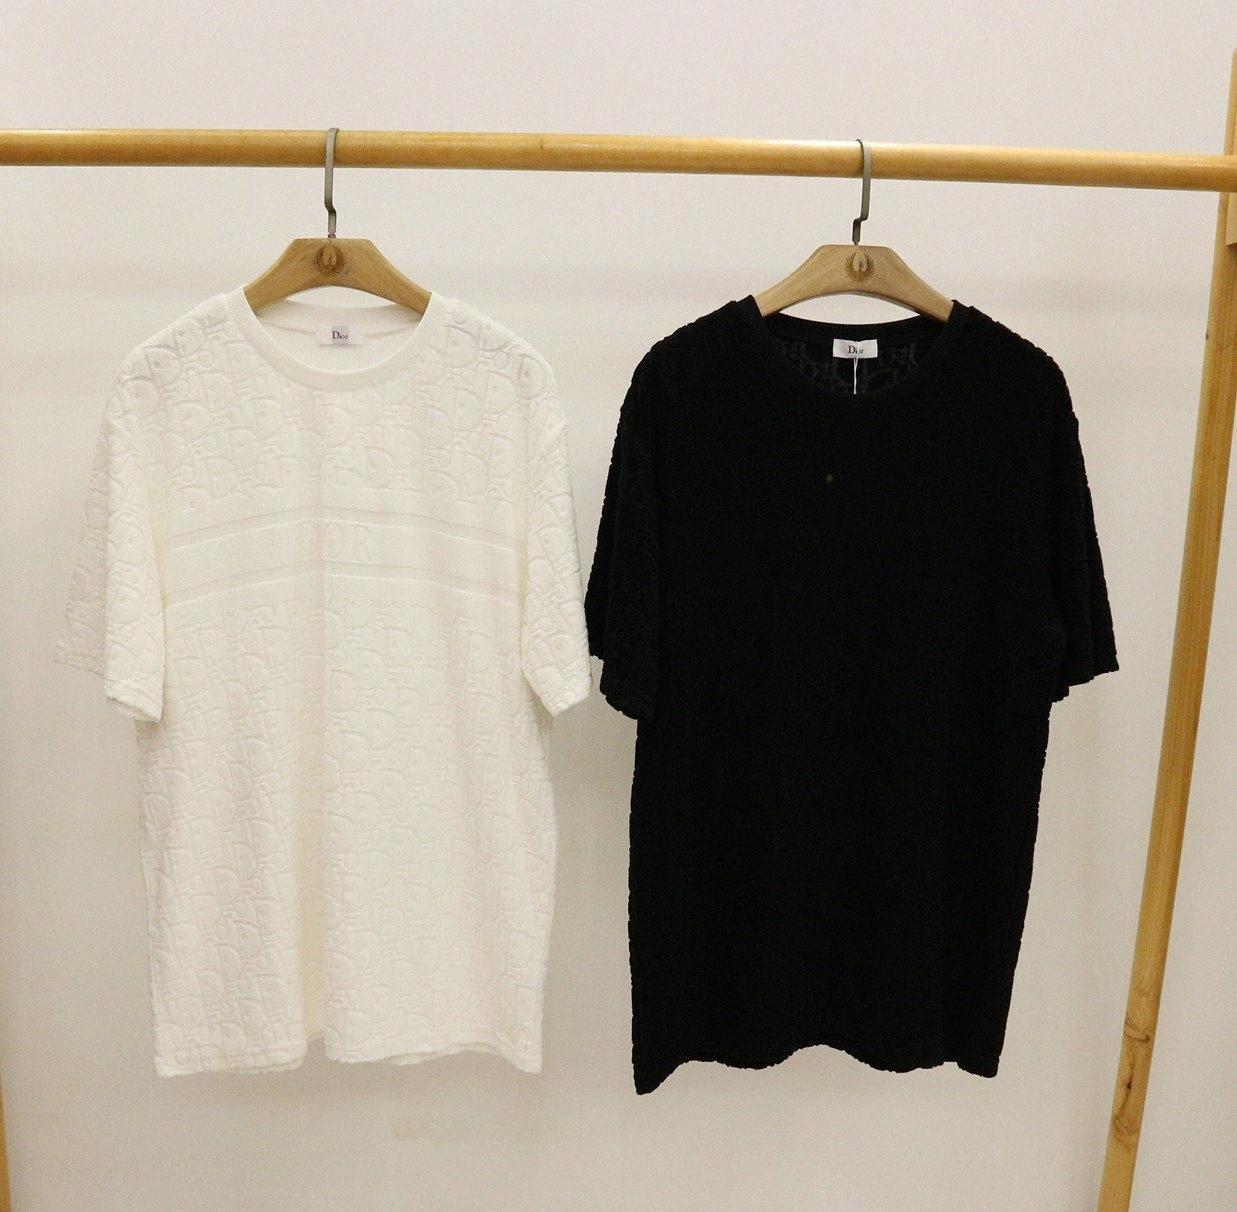 2020ss весной и летом новый высококачественный хлопок печати короткий рукав круглый шею панель T-Shirt Размер: M-L-XL-XXL-XXXL Цвет: черный белый Th0R #